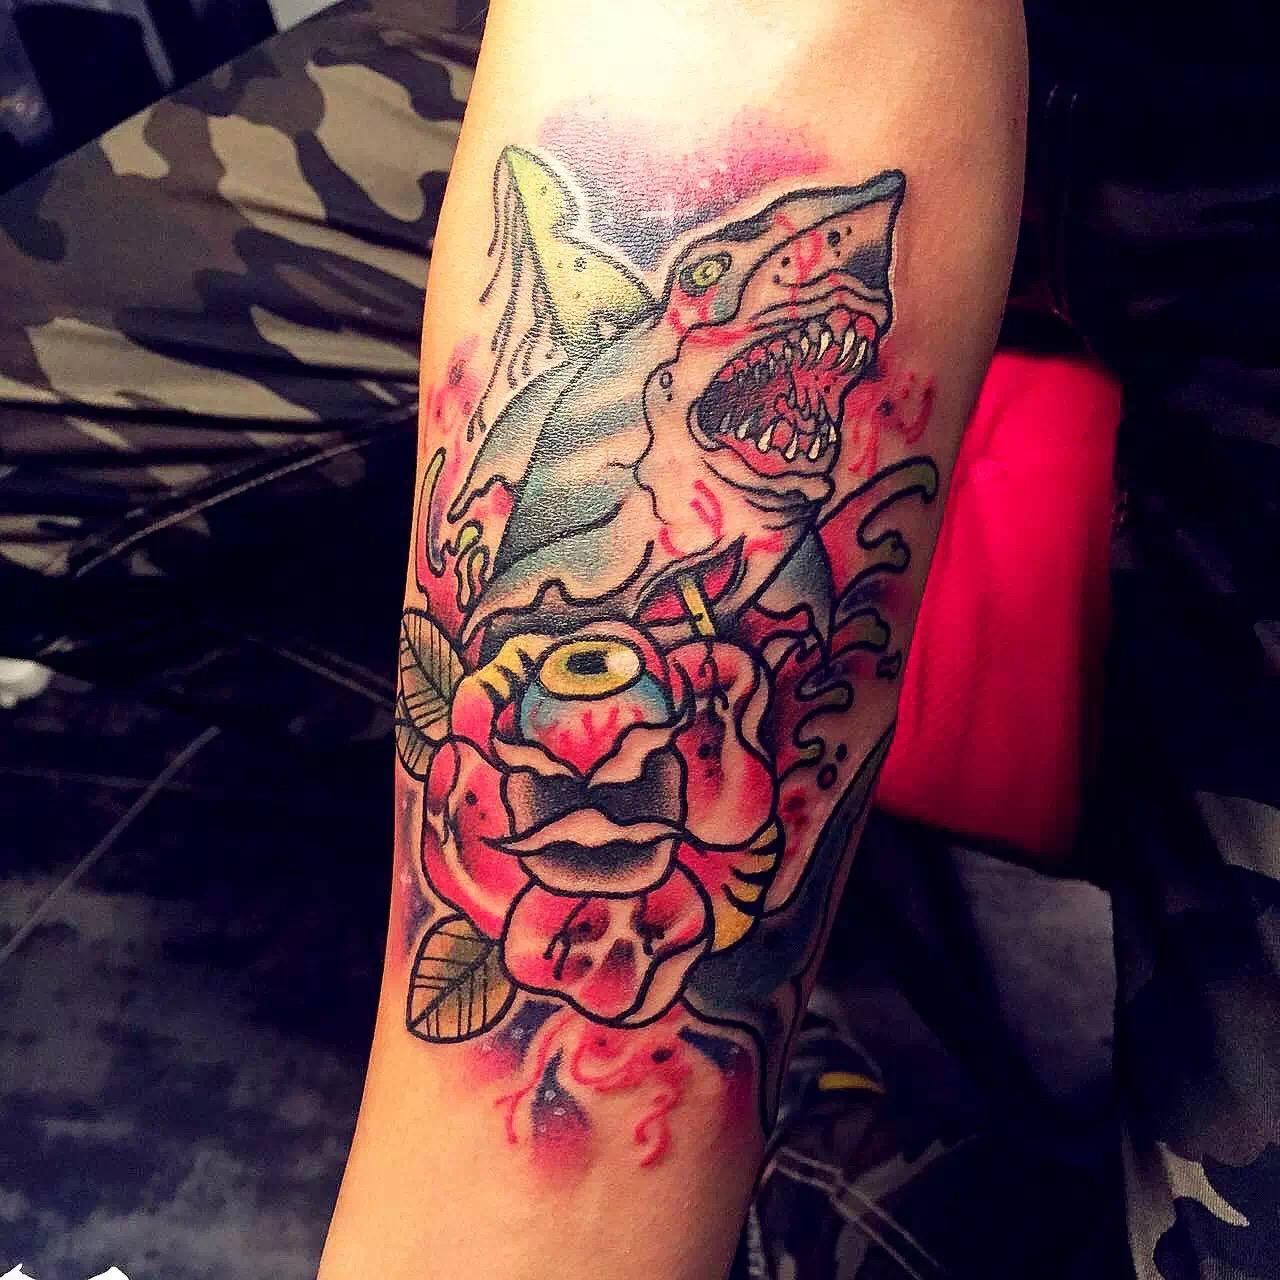 度假中心刘先生手臂上的彩绘鲨鱼纹身图案